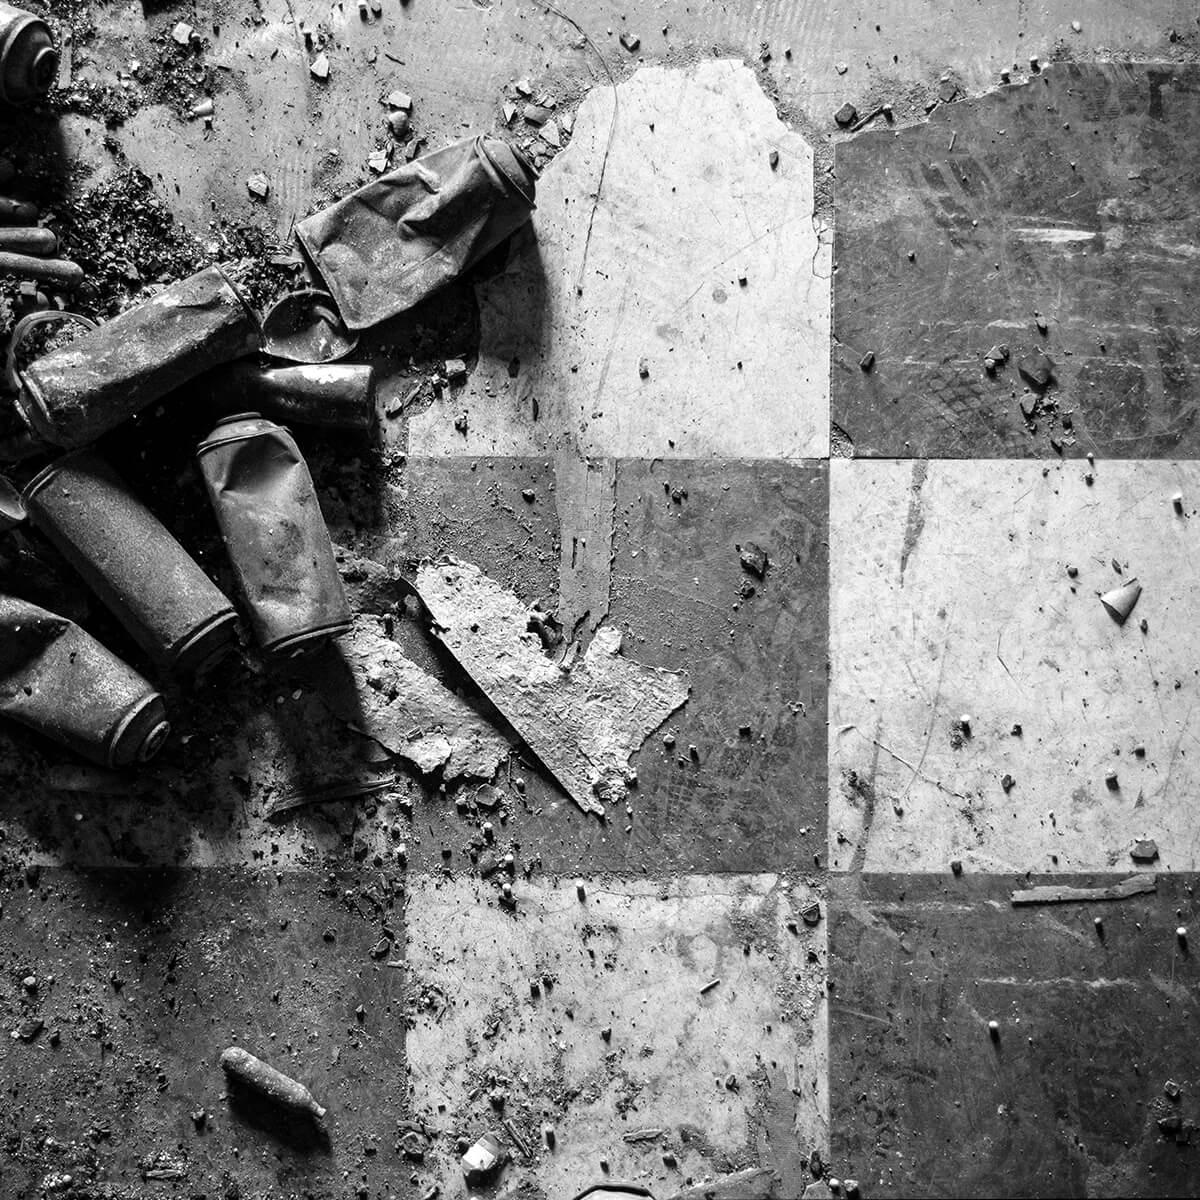 Photographie en noir et blanc du détail du sol d'un bâtiment désaffecté à Toulouse. Un carrelage en damier est jonché de bombes de peinture usagées.